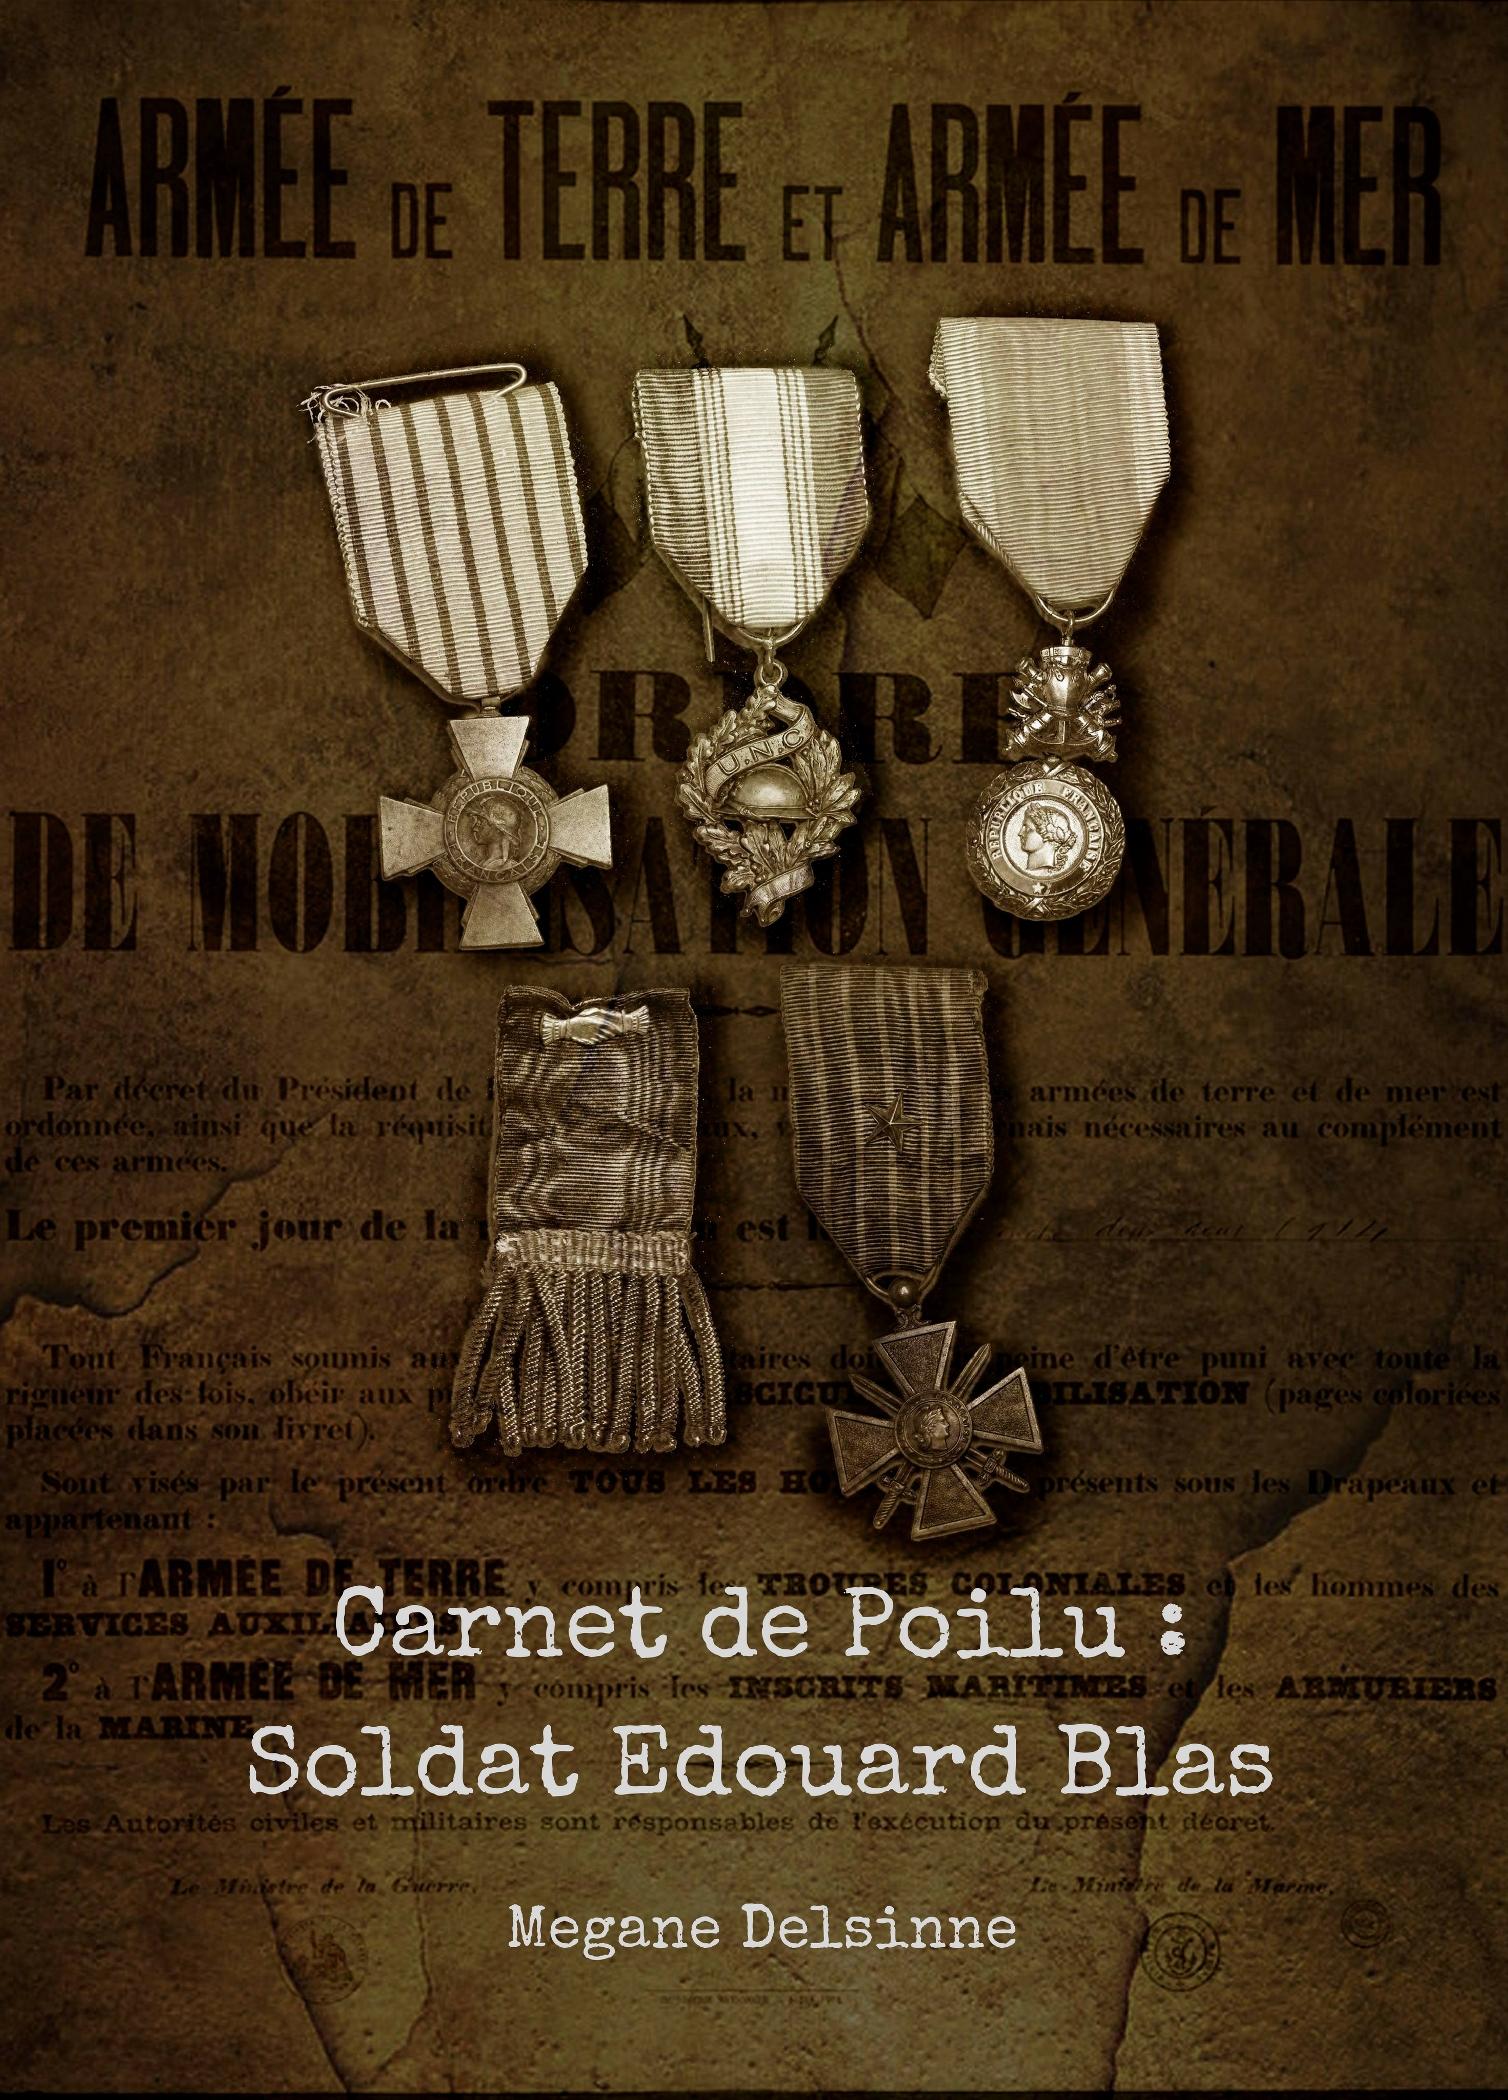 CARNET DE POILU : SOLDAT EDOUARD BLAS